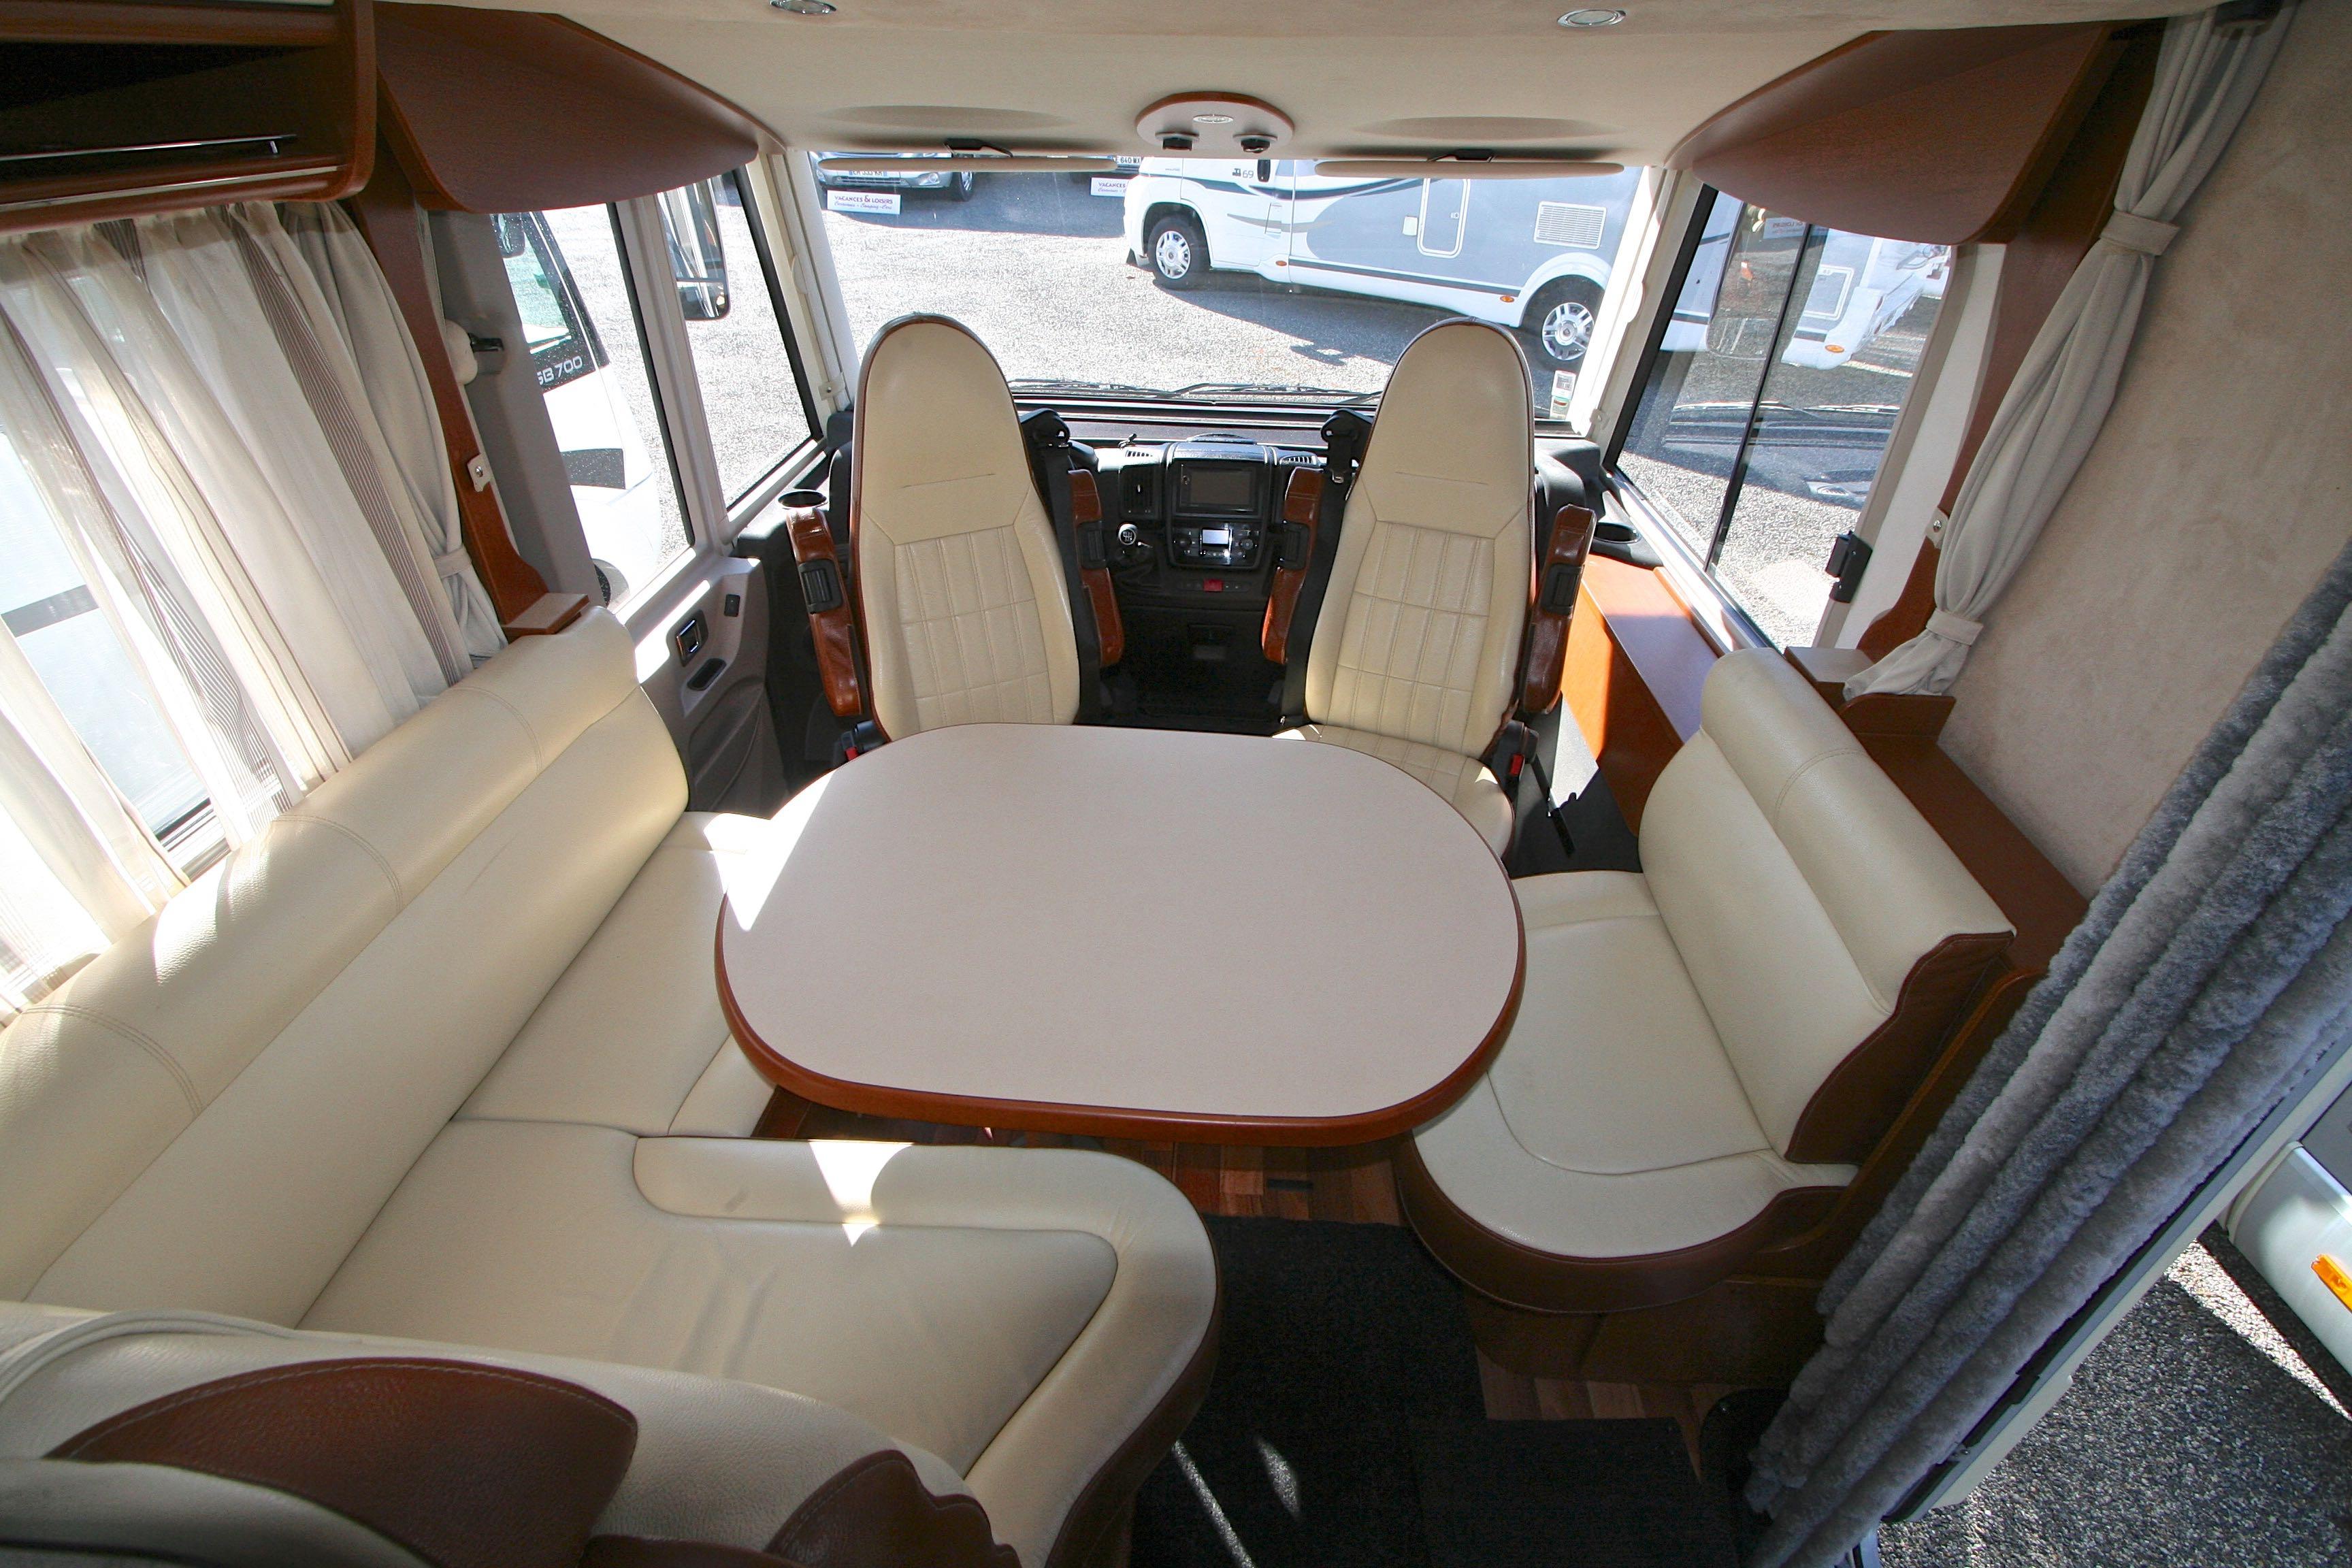 hymer classe b 698 occasion de 2012 - fiat